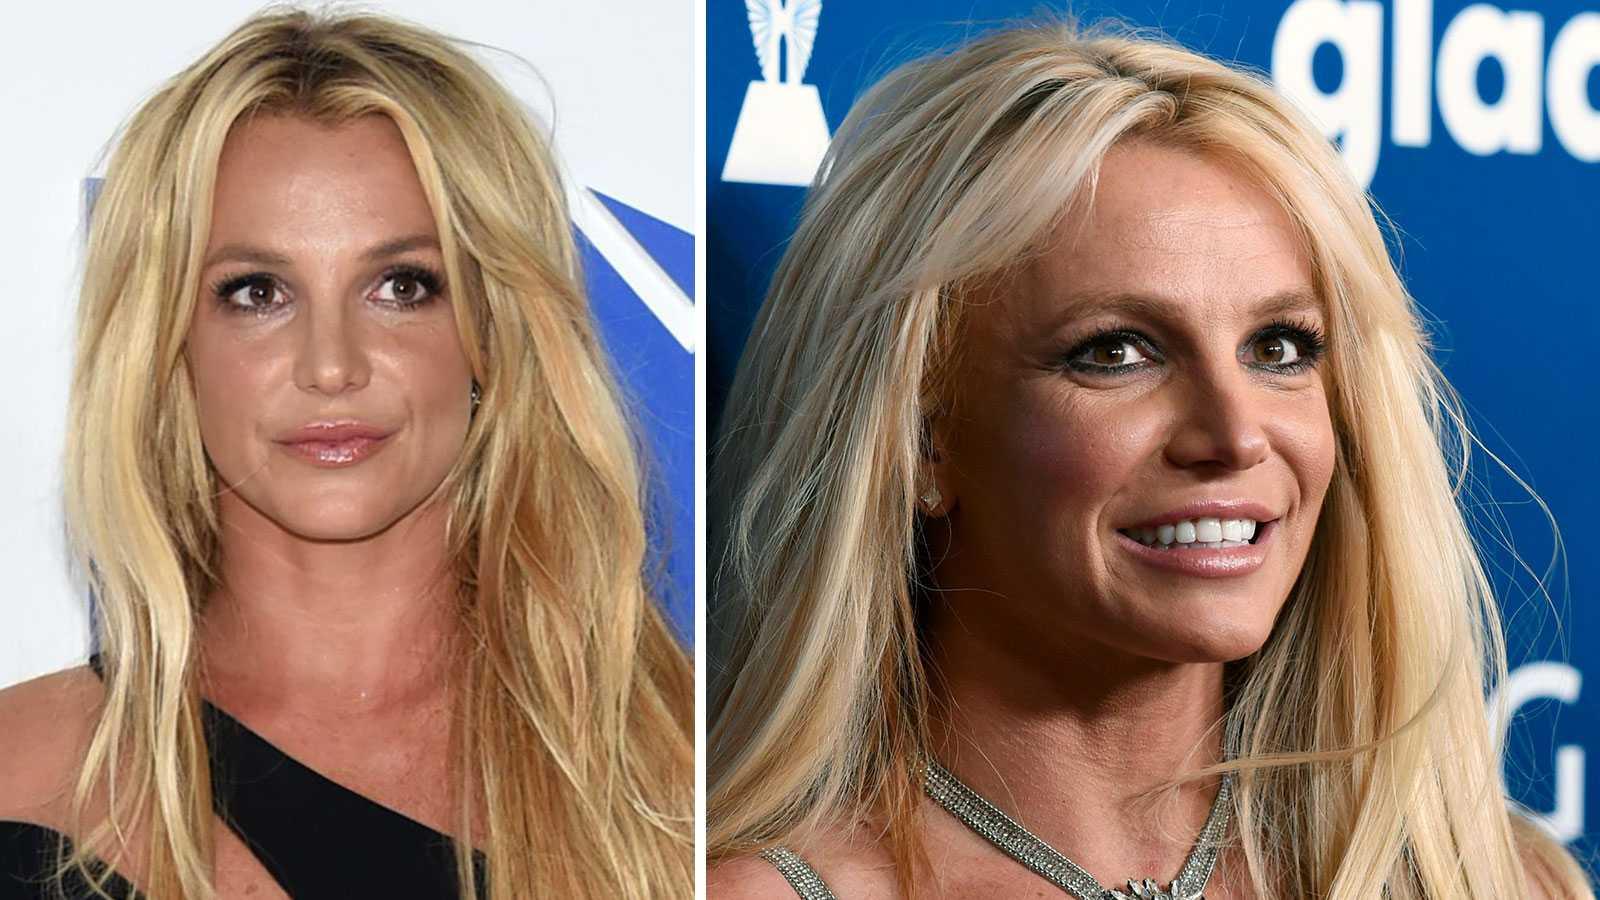 Källor: Fansens oro för Britney Spears är obefogad